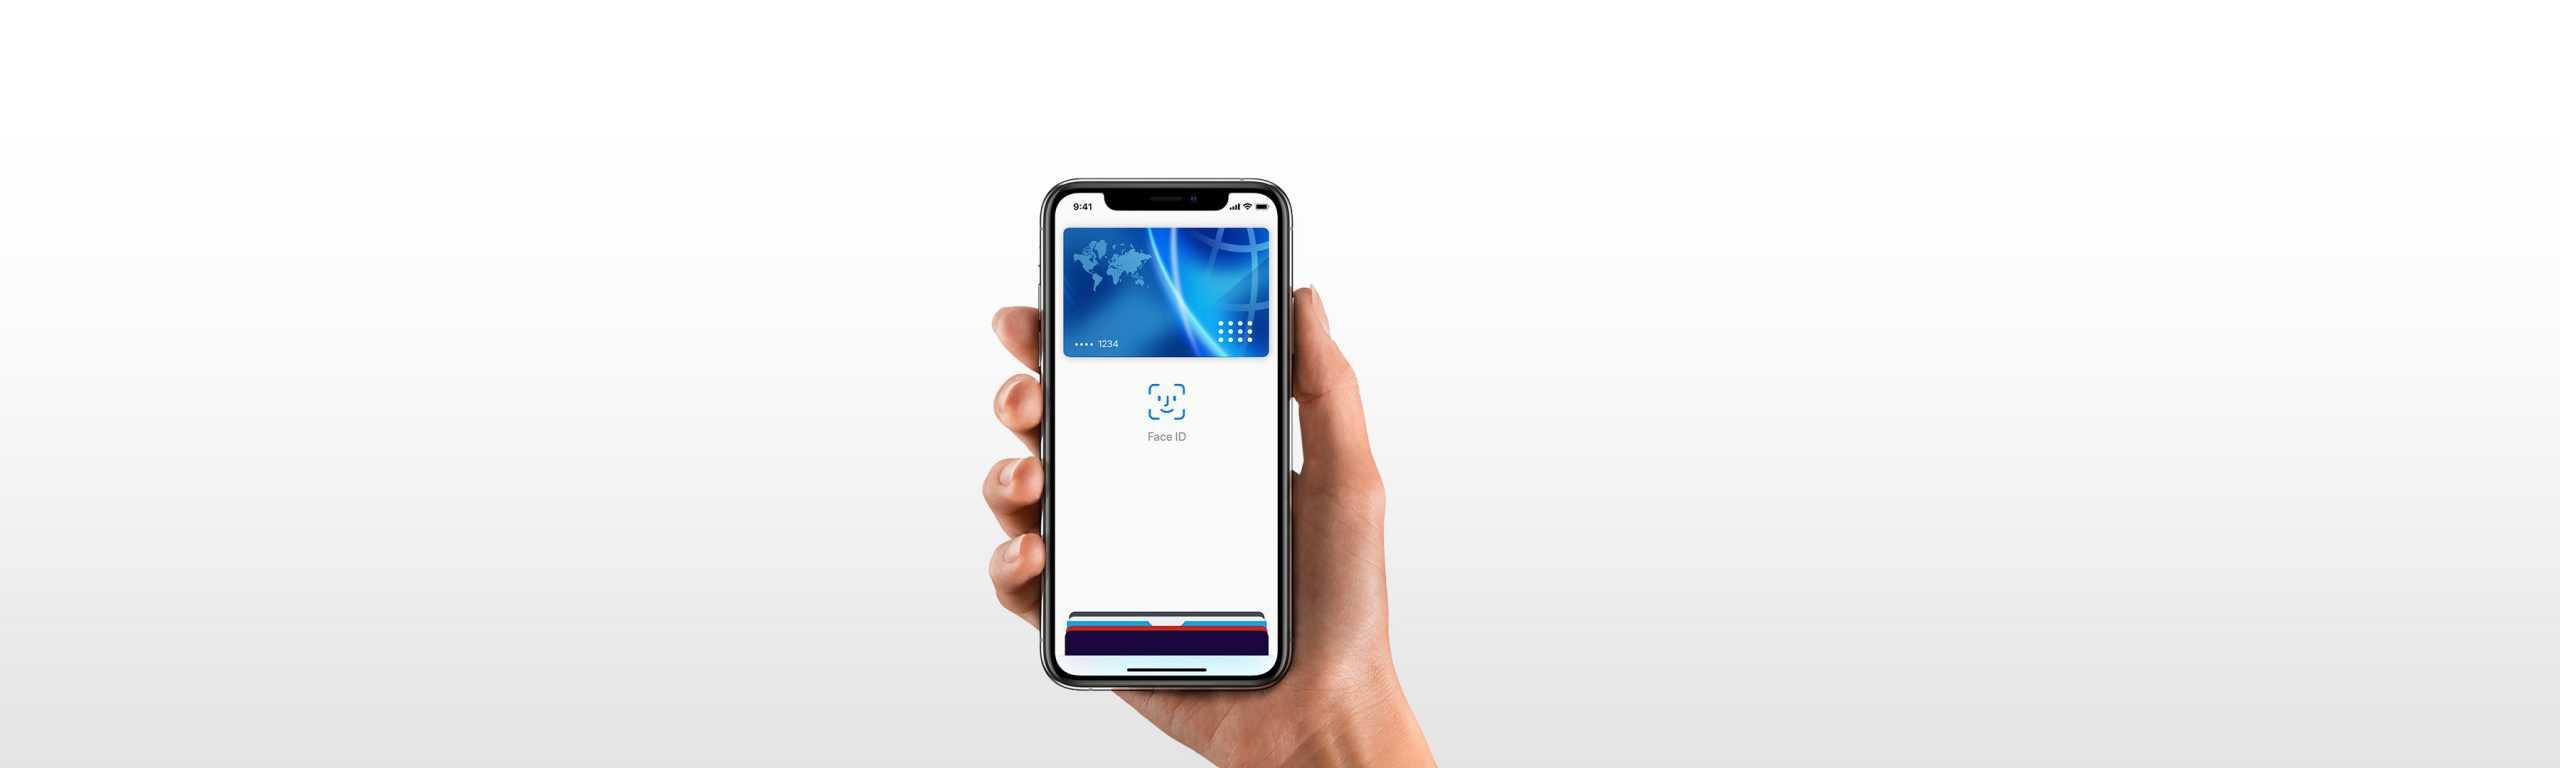 خبر و شرح خدمة Apple Pay الآن في السعودية